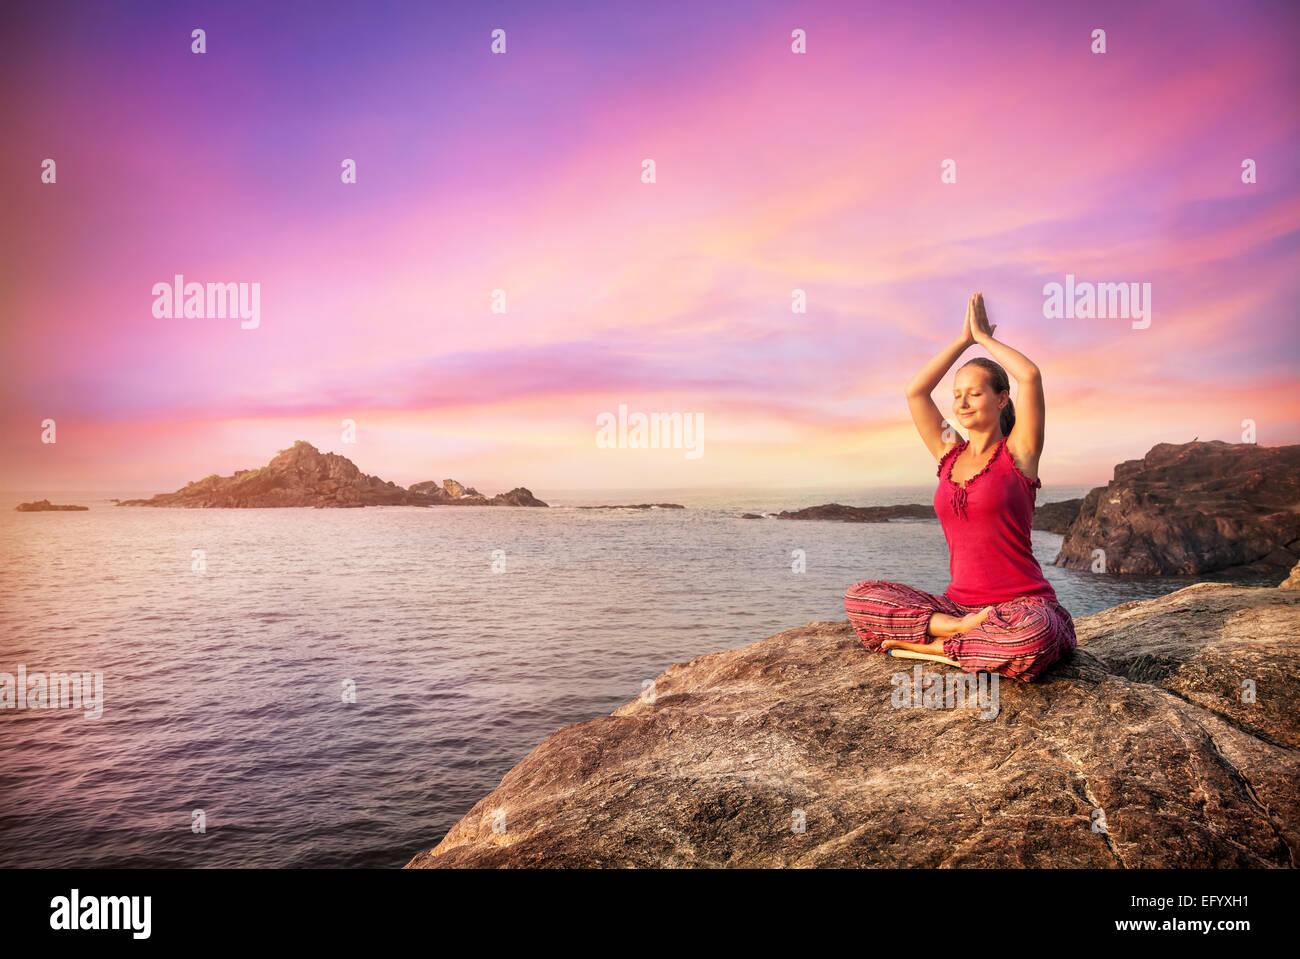 Frau tun Meditation im roten Kostüm auf dem Stein in der Nähe des Ozeans in Gokarna, Karnataka, Indien Stockfoto